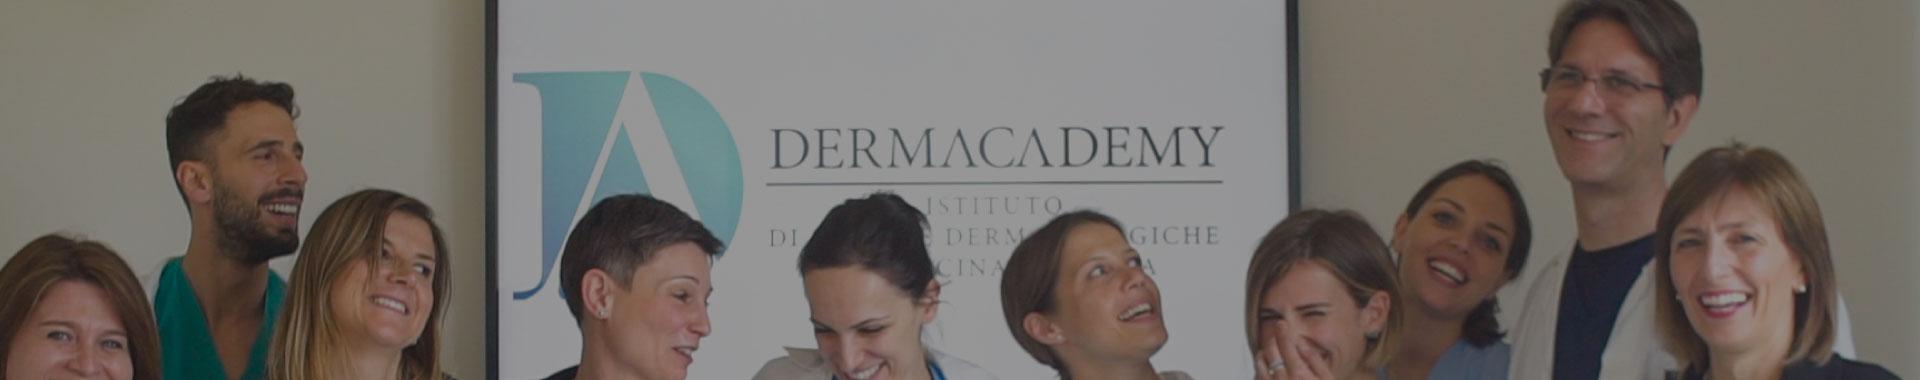 Team Dermacademy